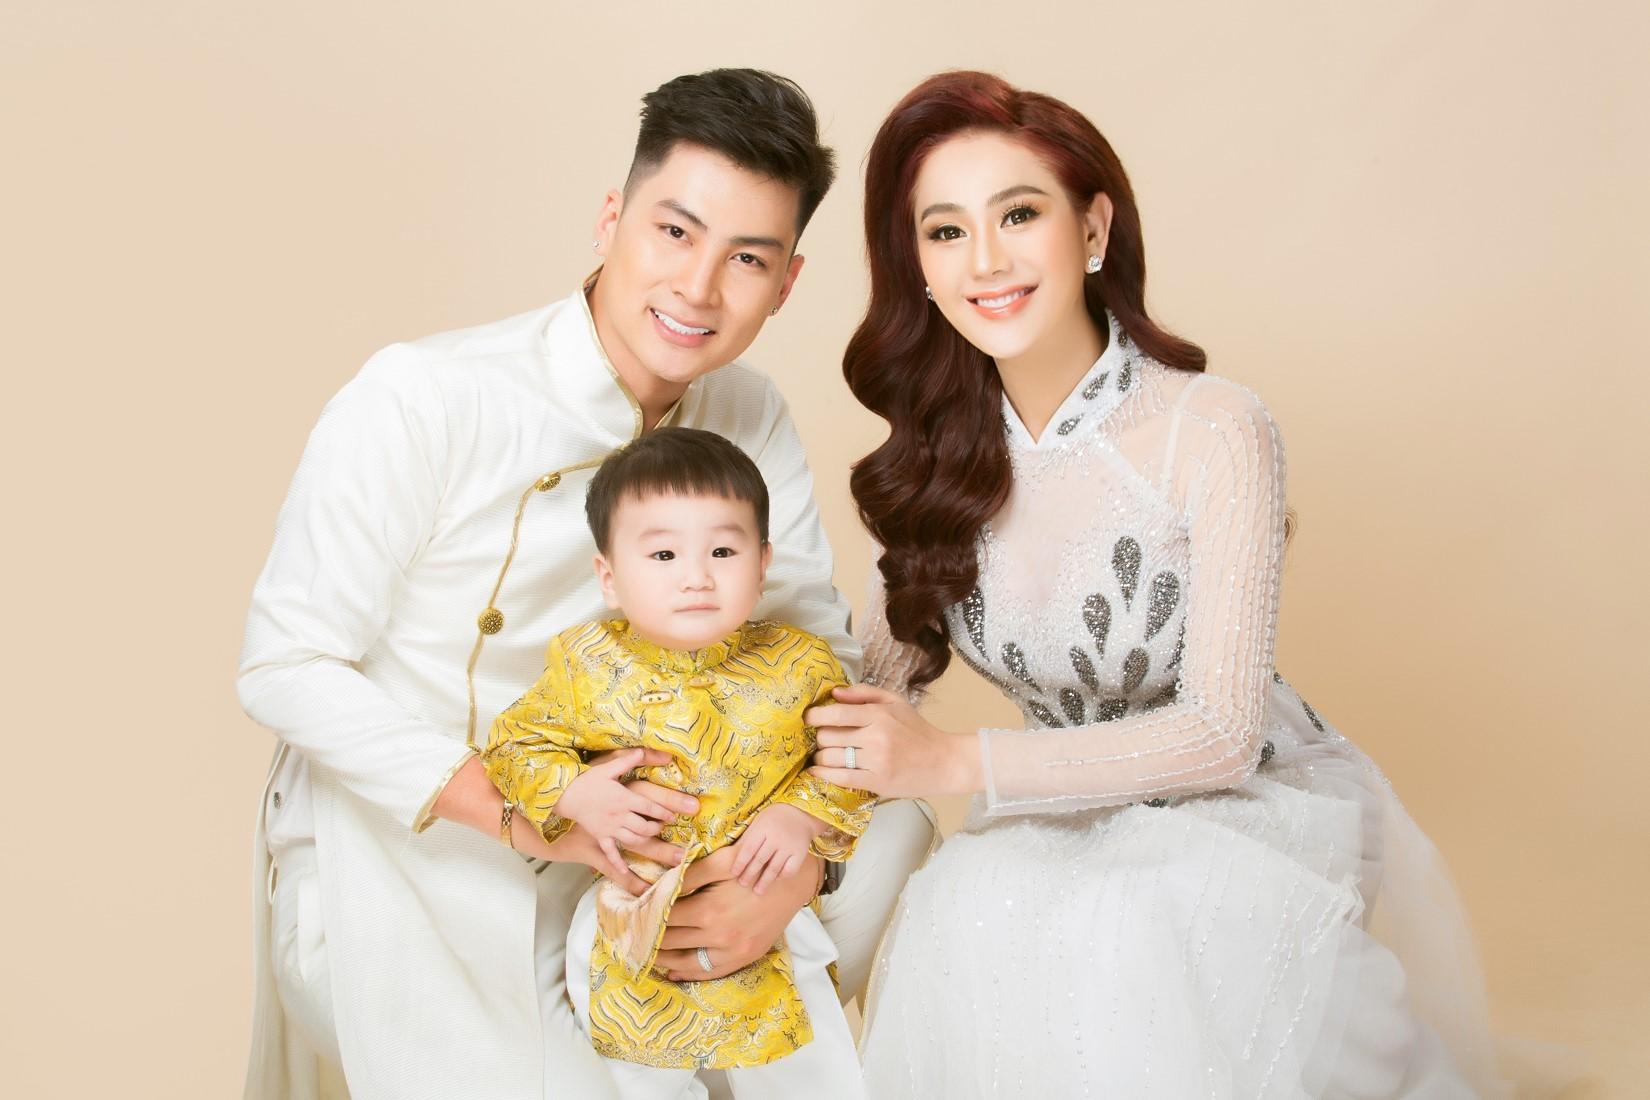 Vợ chồng Lâm Khánh Chi lần đầu chụp bộ ảnh cùng con trai nhờ người mang thai hộ - 3